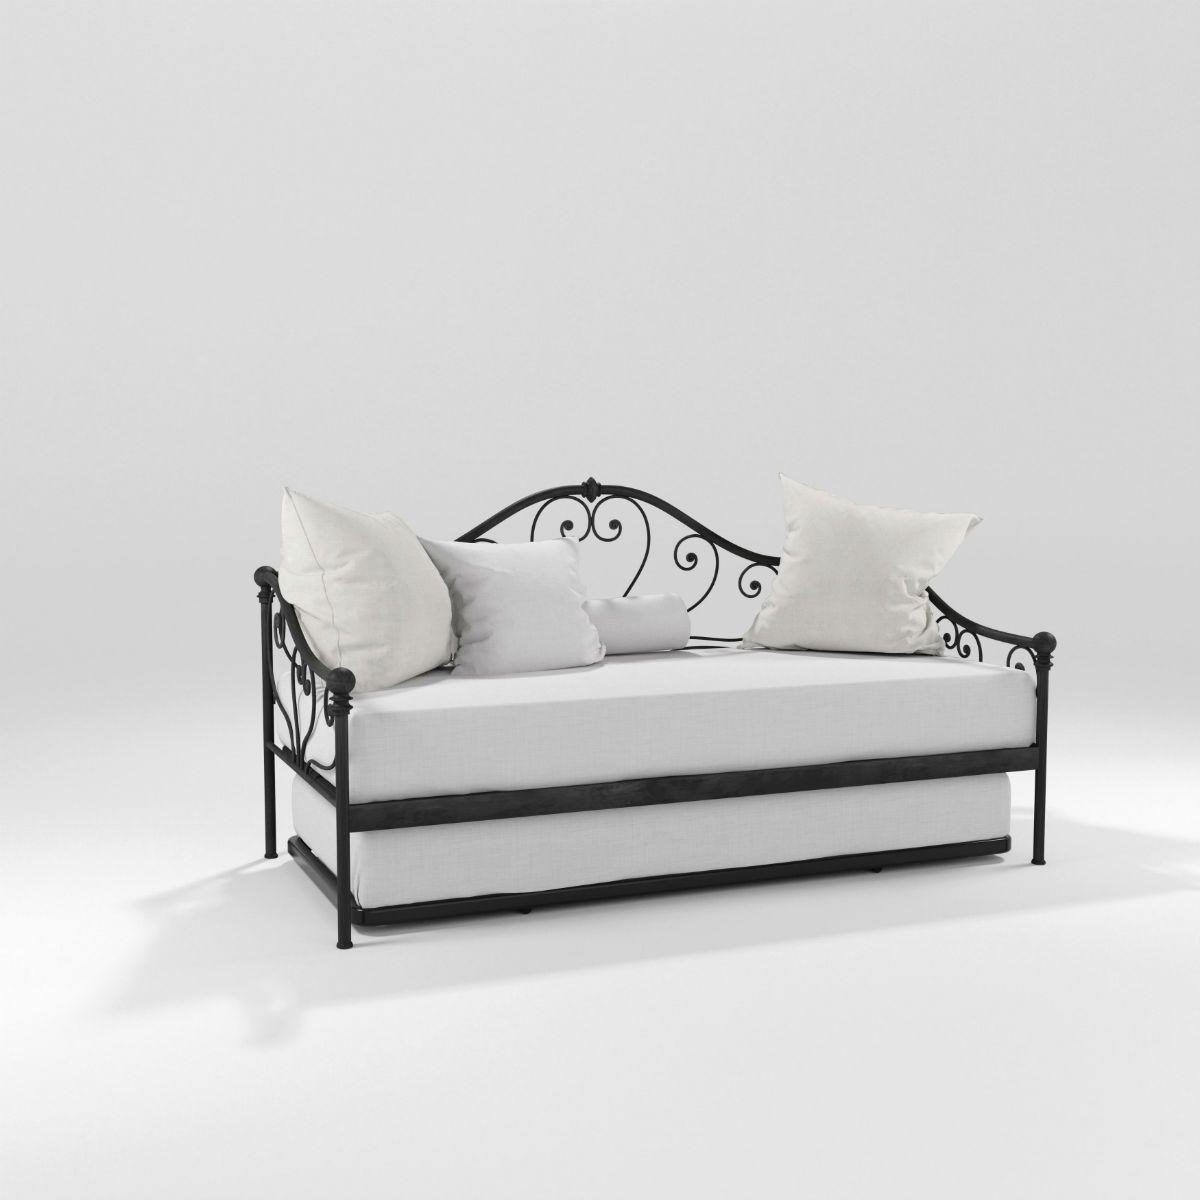 Fidelio barel complementi d 39 arredo made in italy - Trasformare letto singolo in divano ...